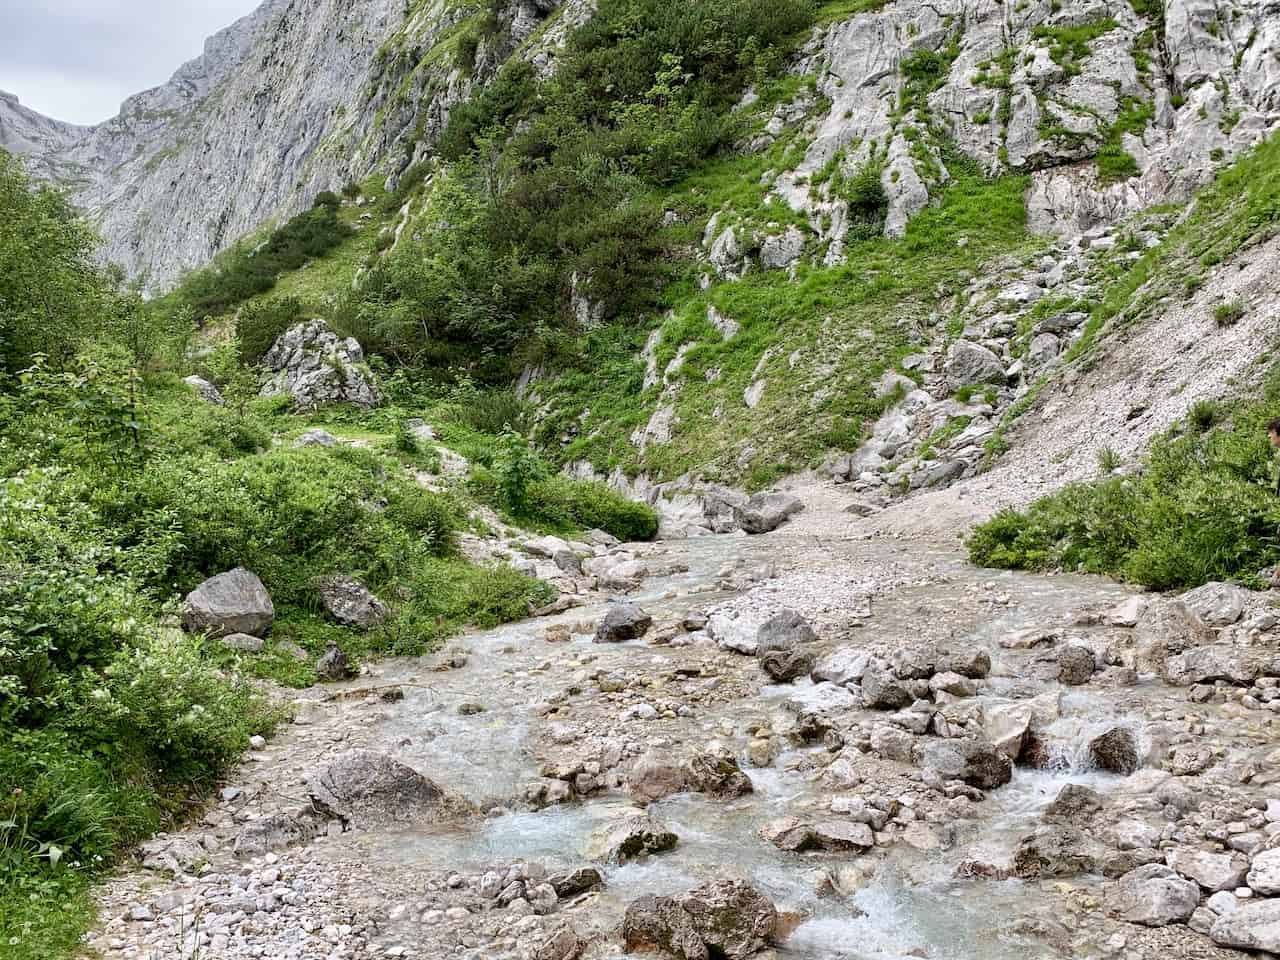 Hollental River